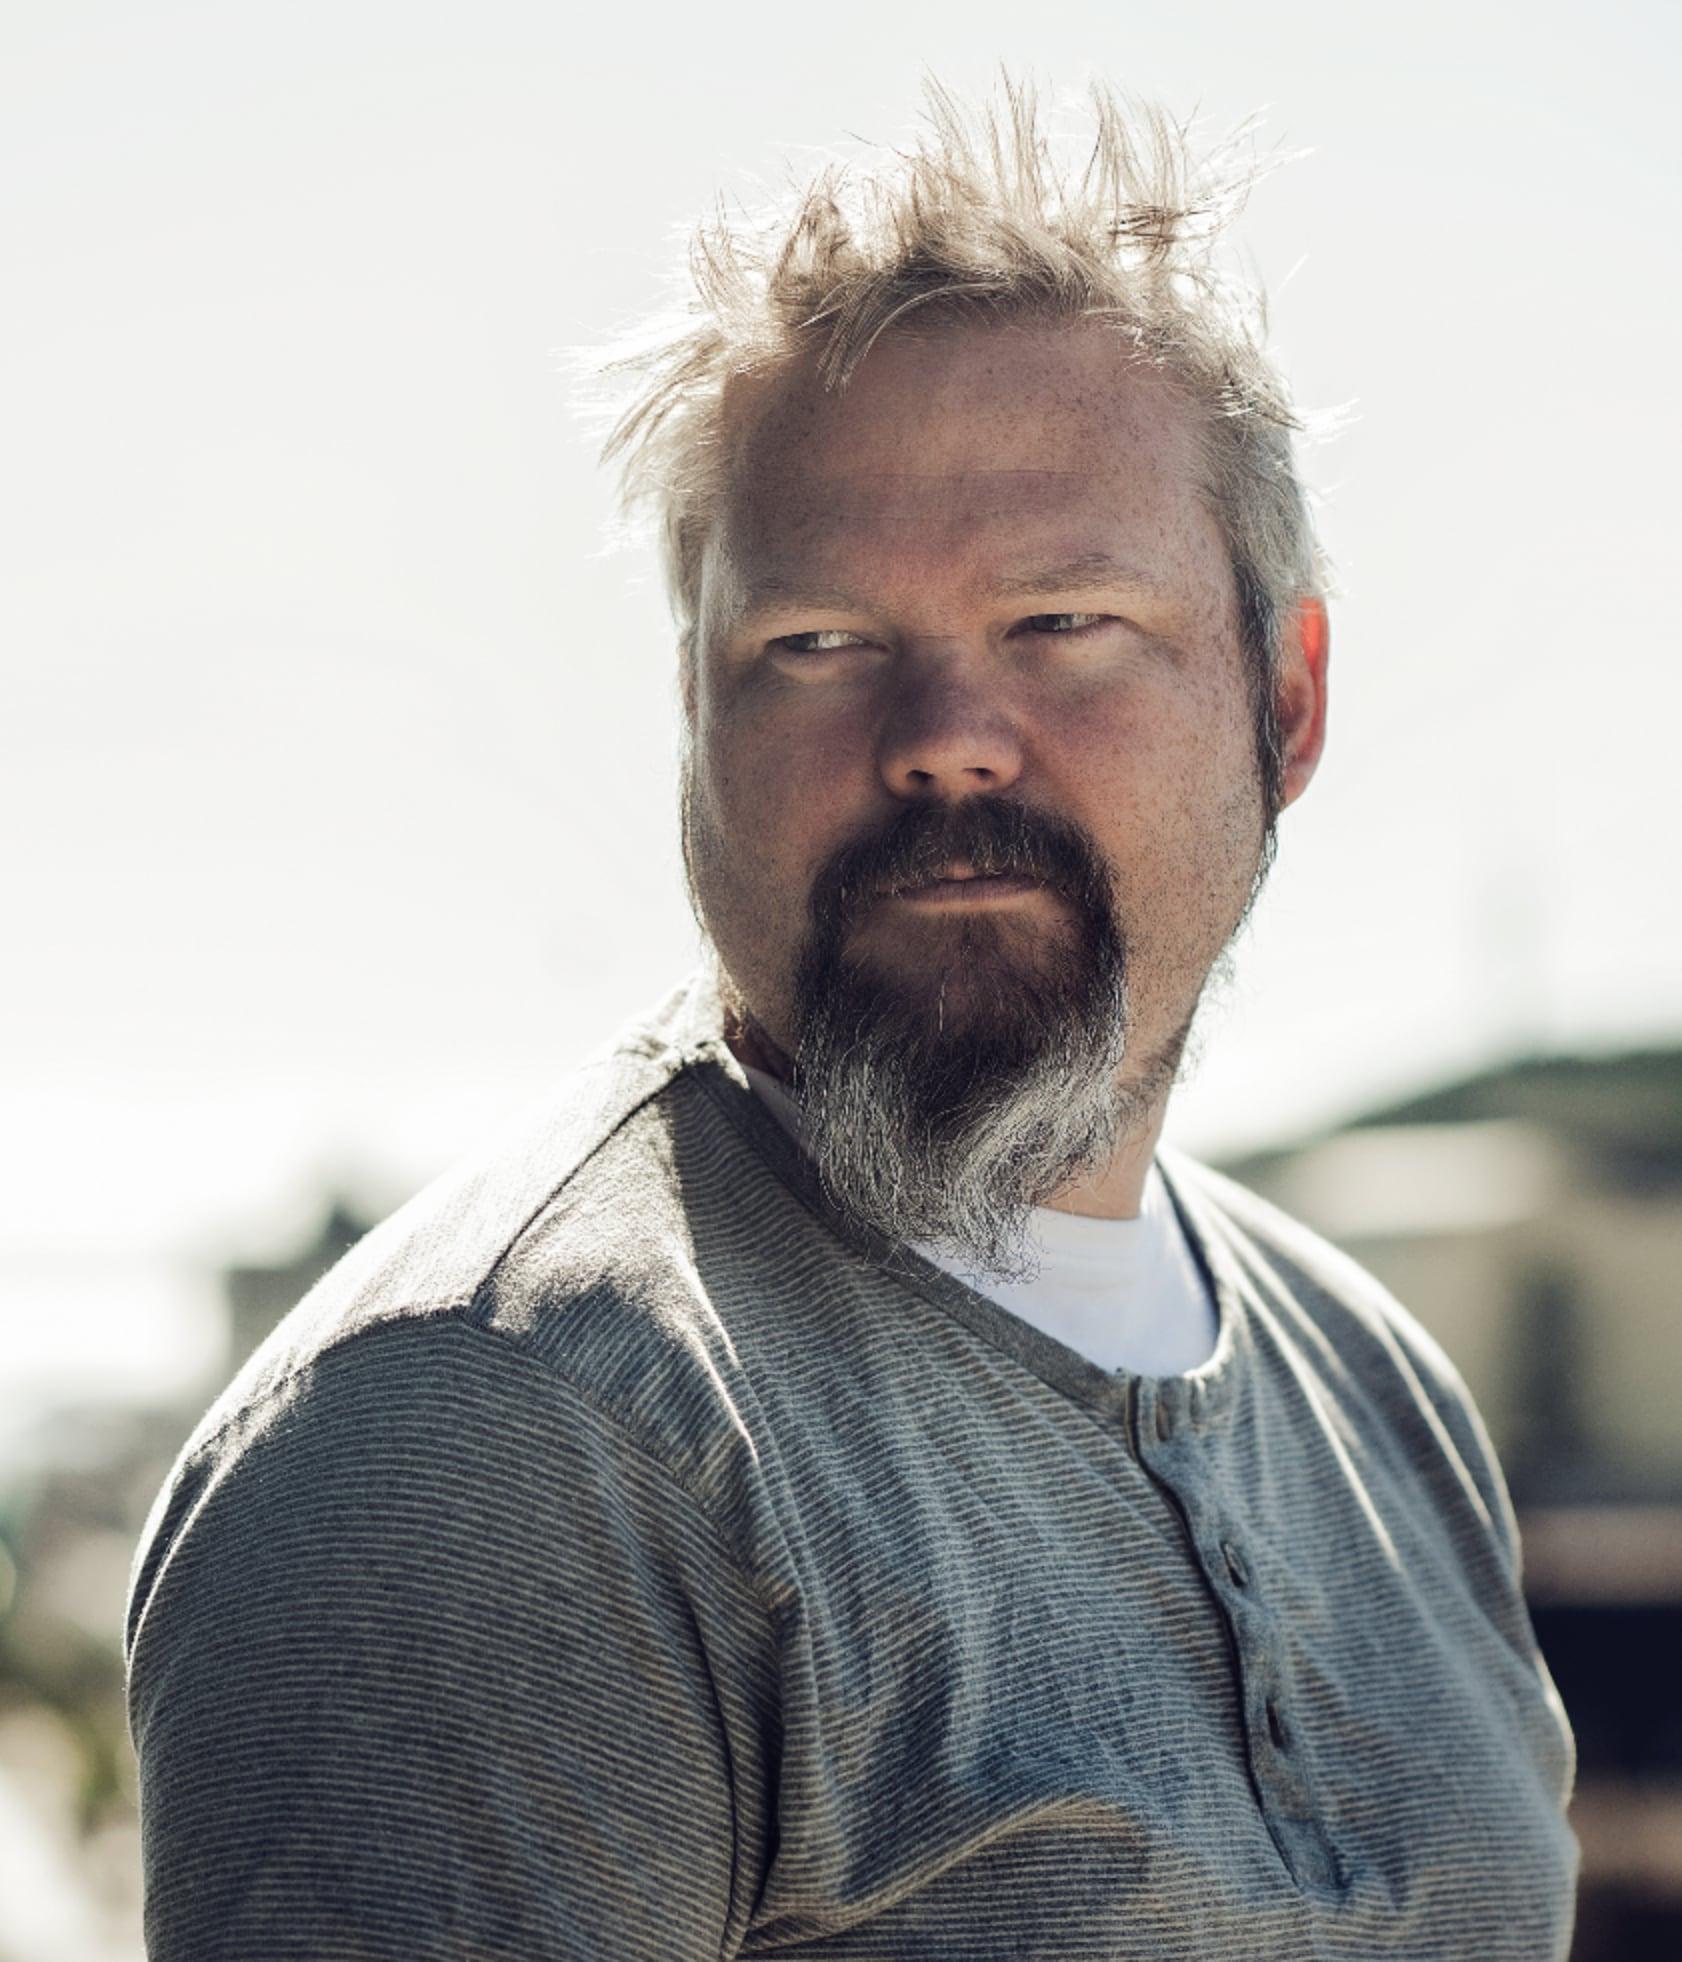 Bilde av Rune Solberg, en av gründerene av Screenz.